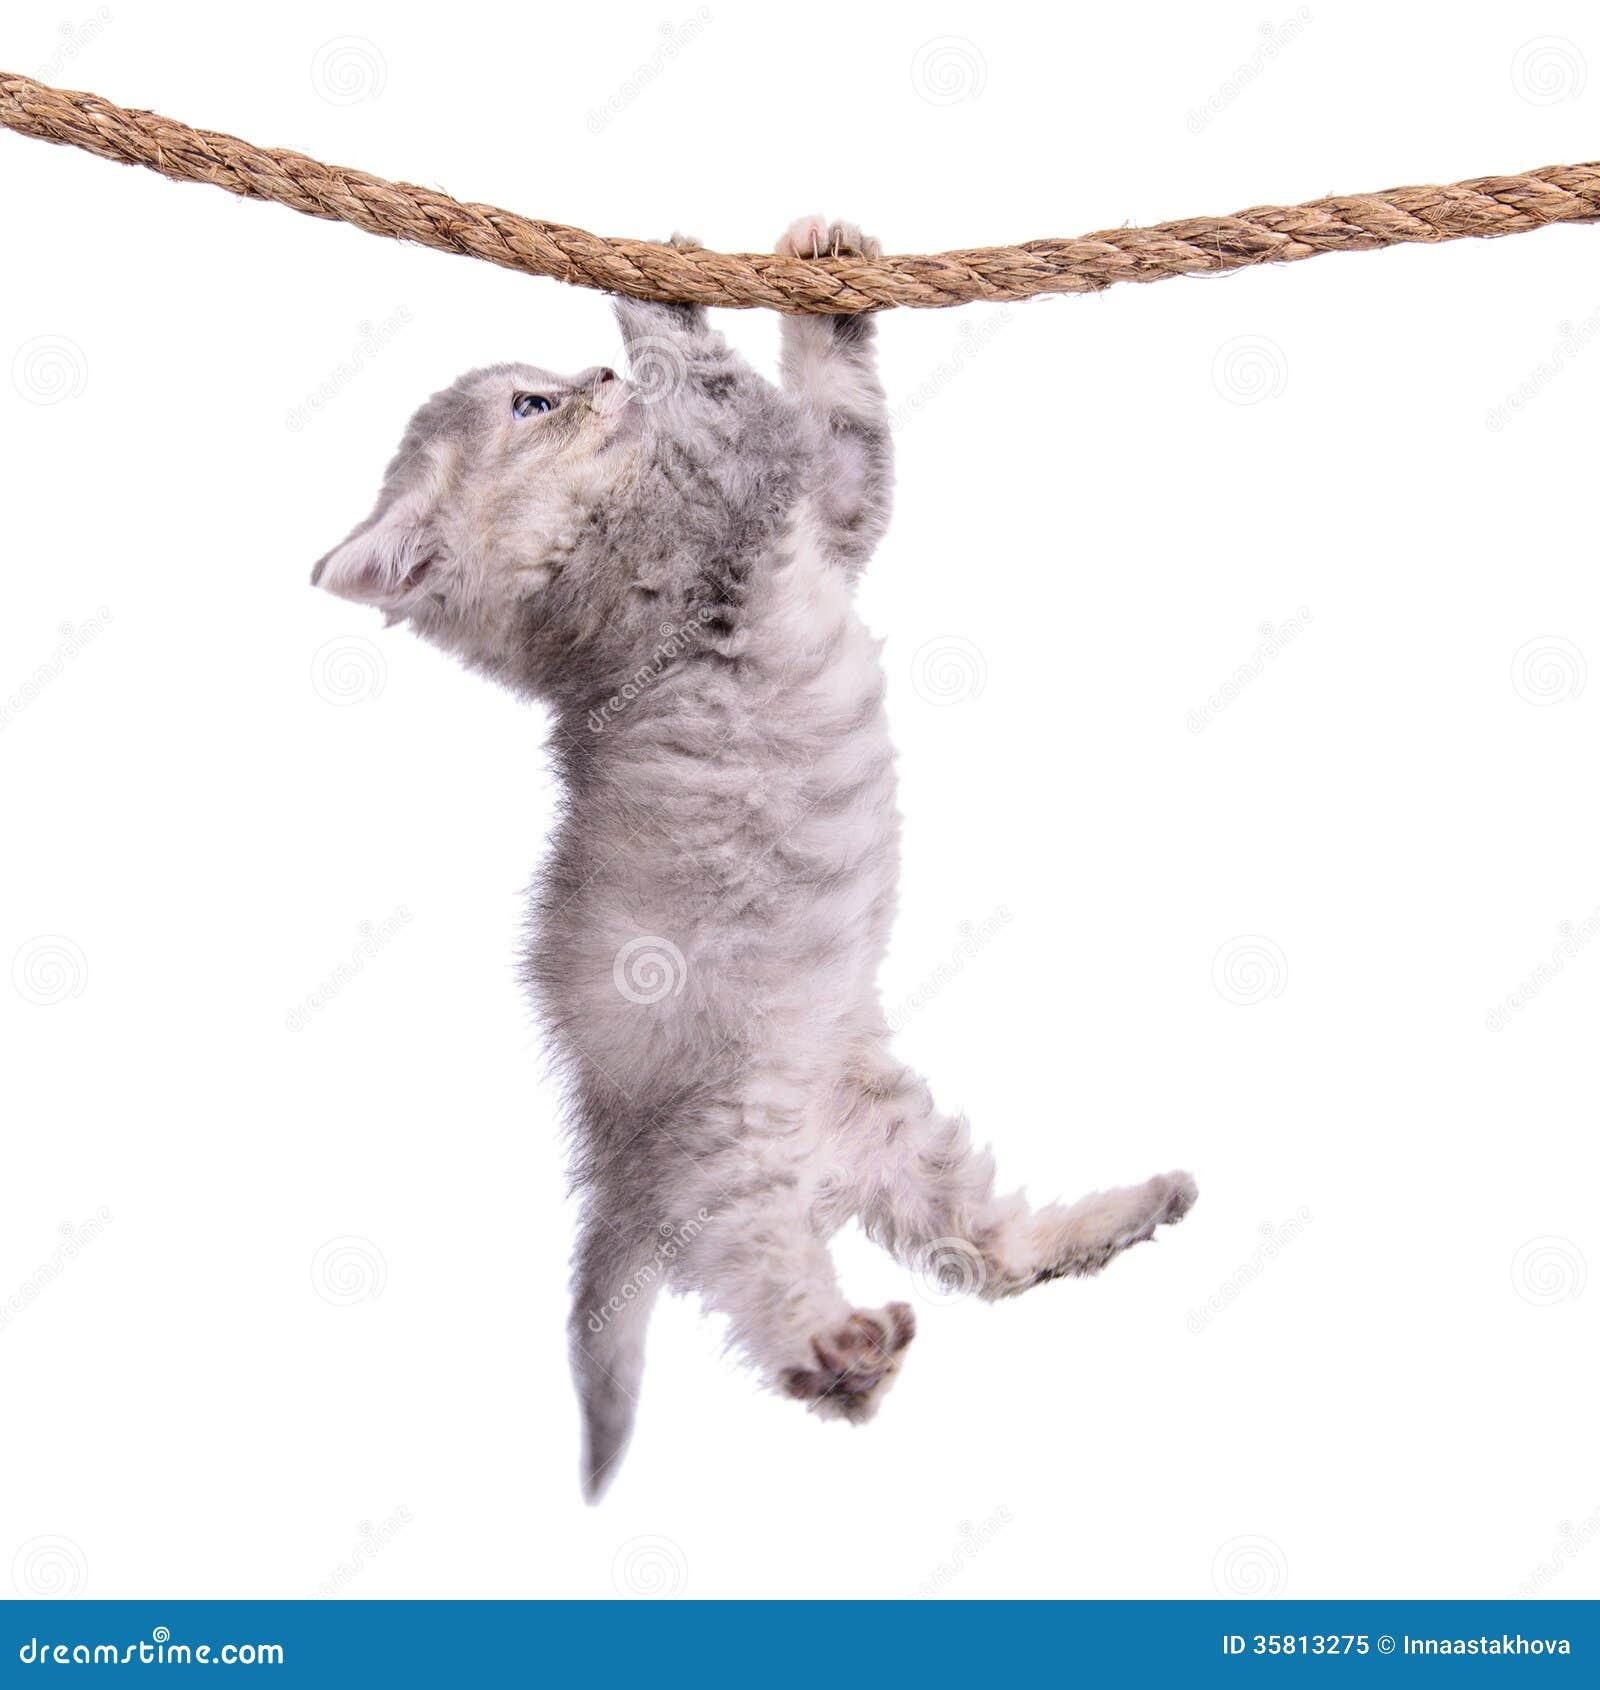 Фото держись котенок #10